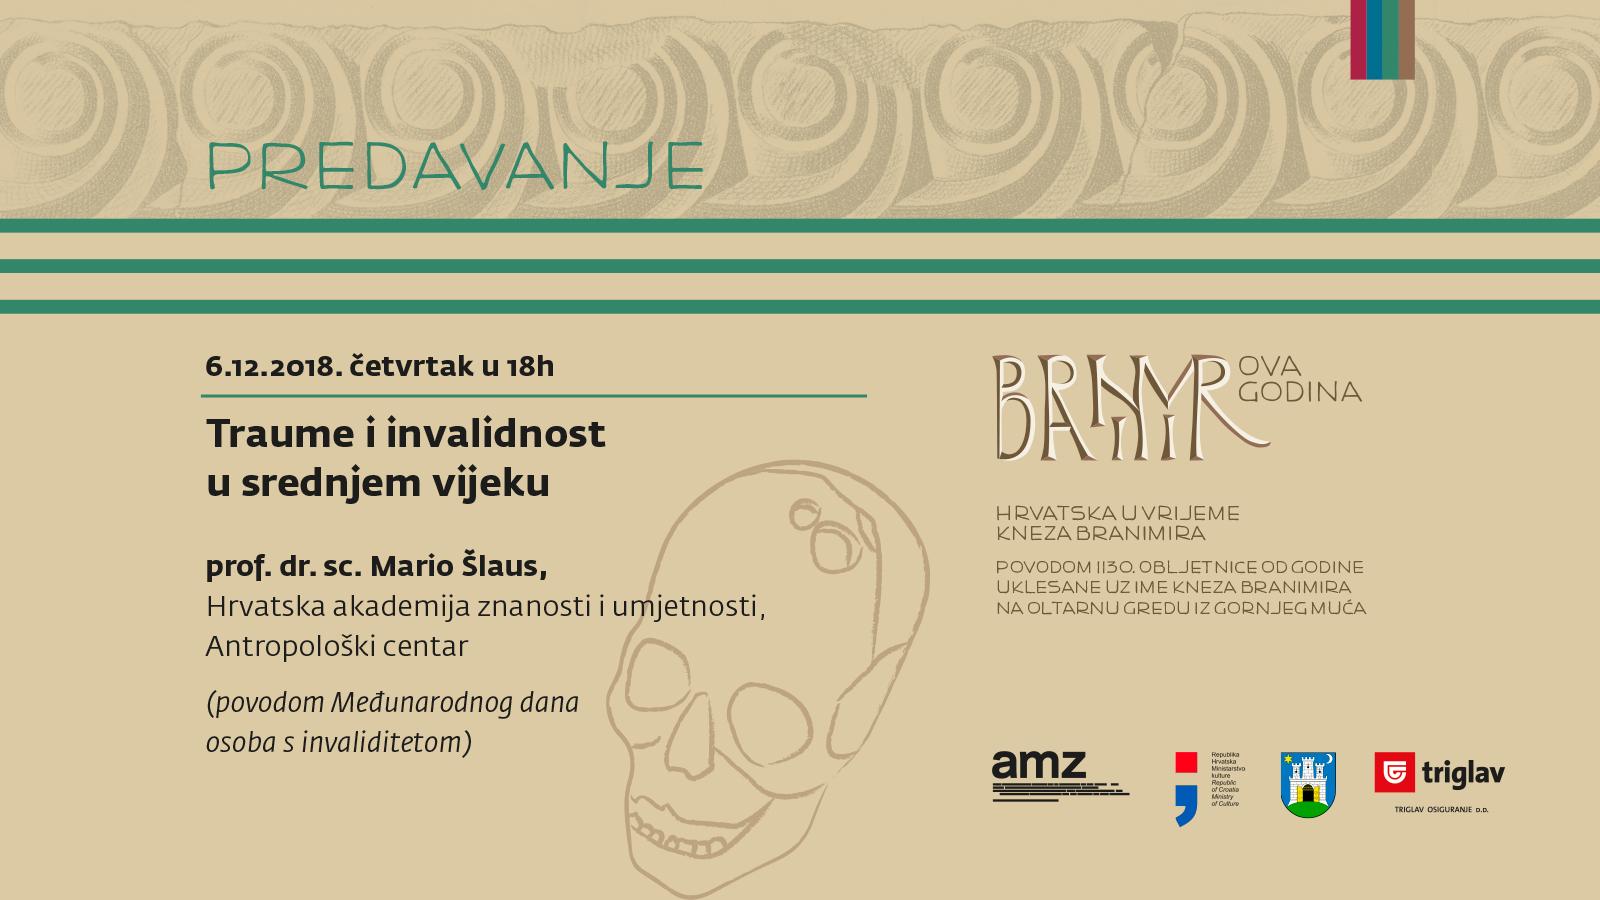 AMZ-Branimirova-godina-predavanje-Slaus